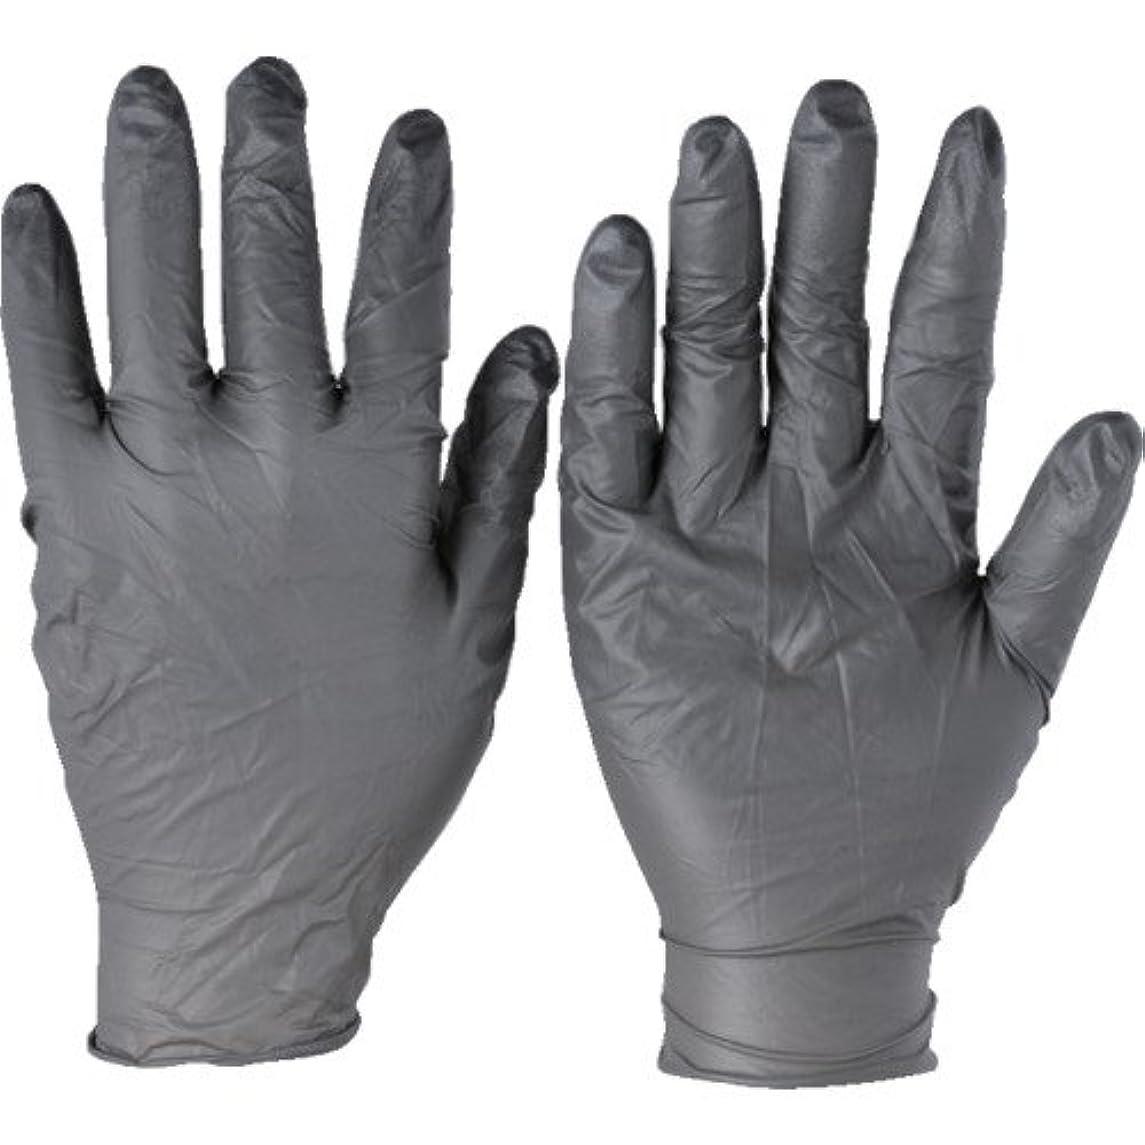 伝記スプリットアデレードトラスコ中山 アンセル ニトリルゴム使い捨て手袋 タッチエヌタフ 粉無 Mサイズ 100枚入 932508